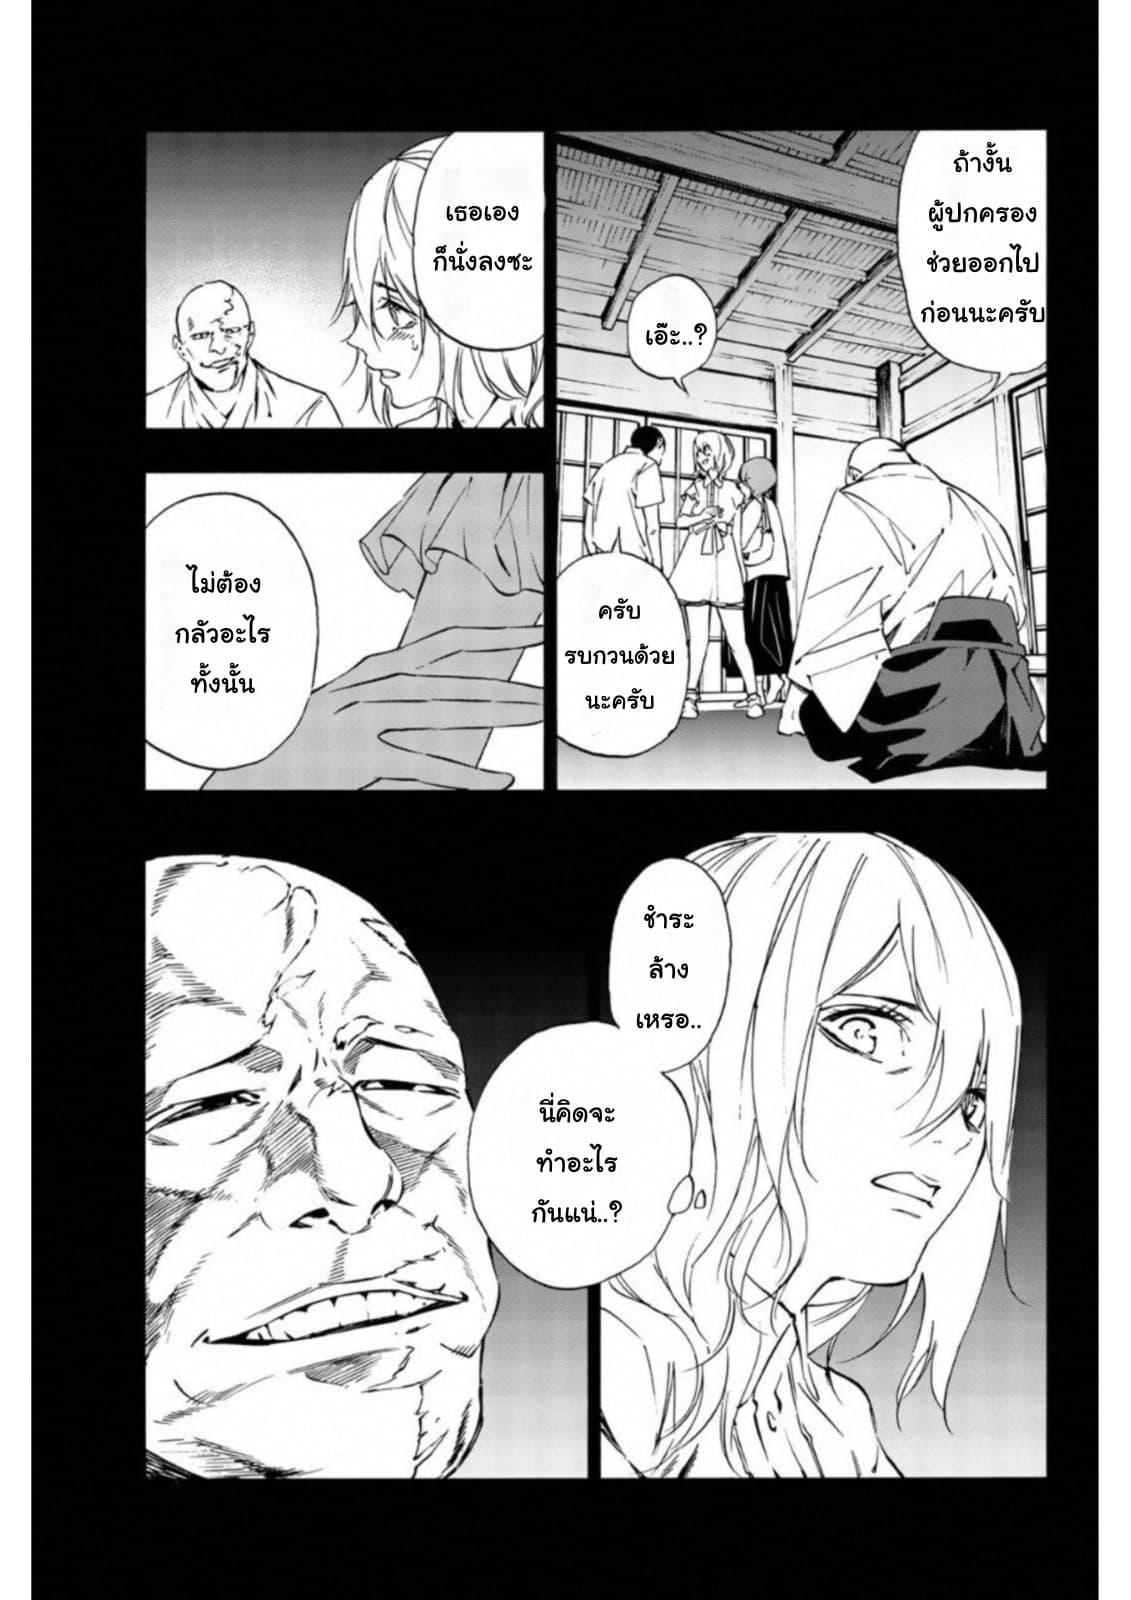 อ่านการ์ตูน Zetsubou no Rakuen ตอนที่ 11 หน้าที่ 4